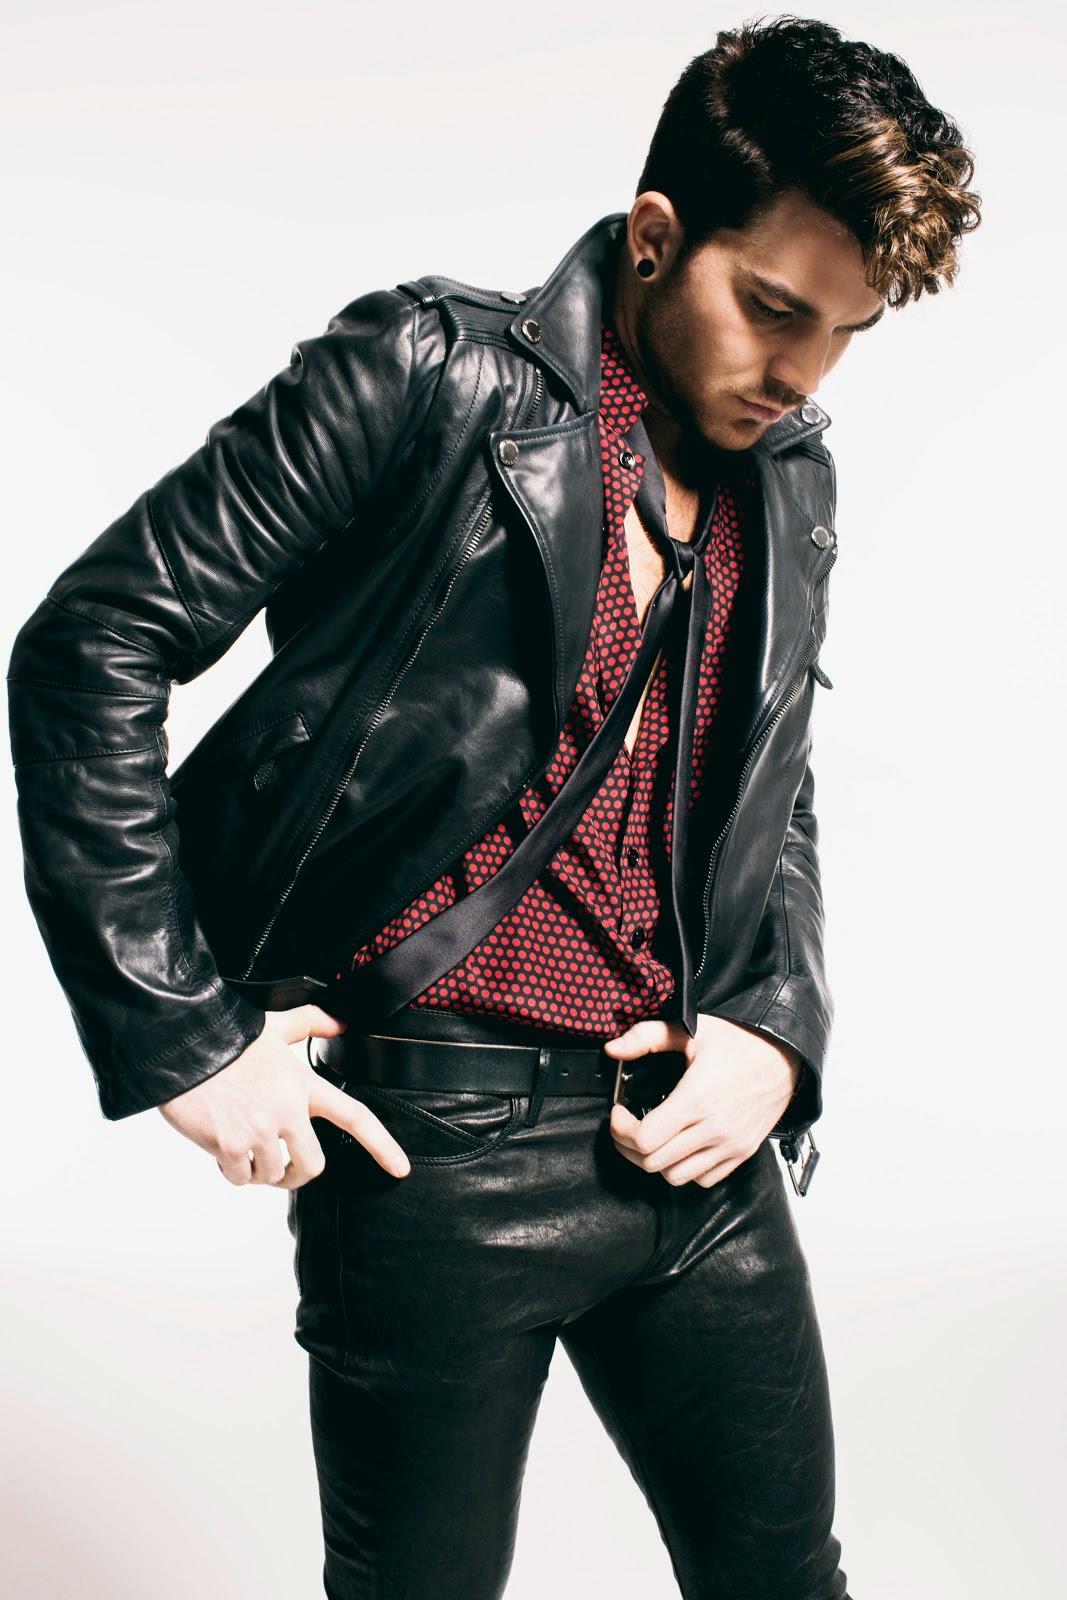 Adam Promo 2015